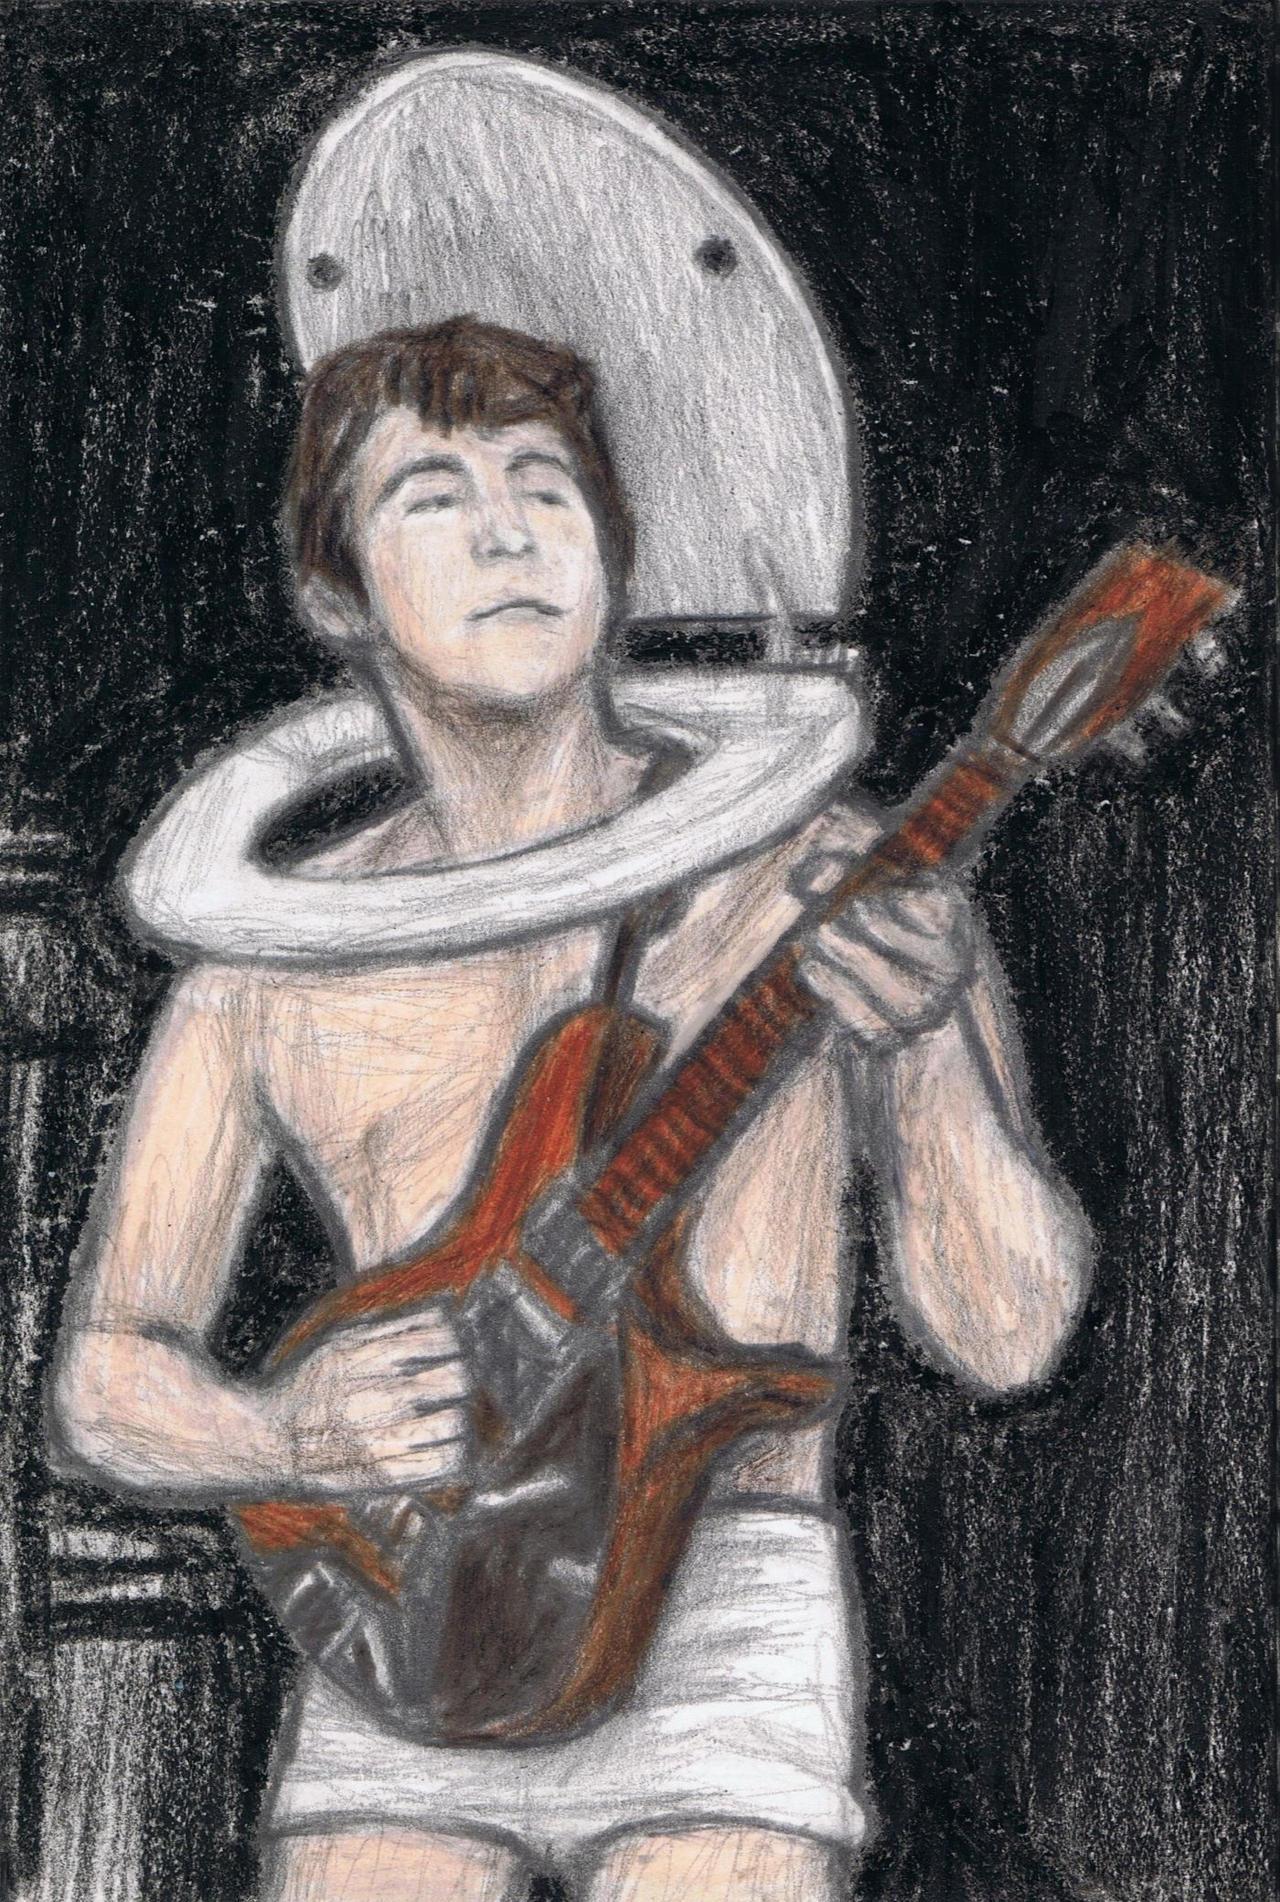 John Lennon wearing a toilet seat by gagambo